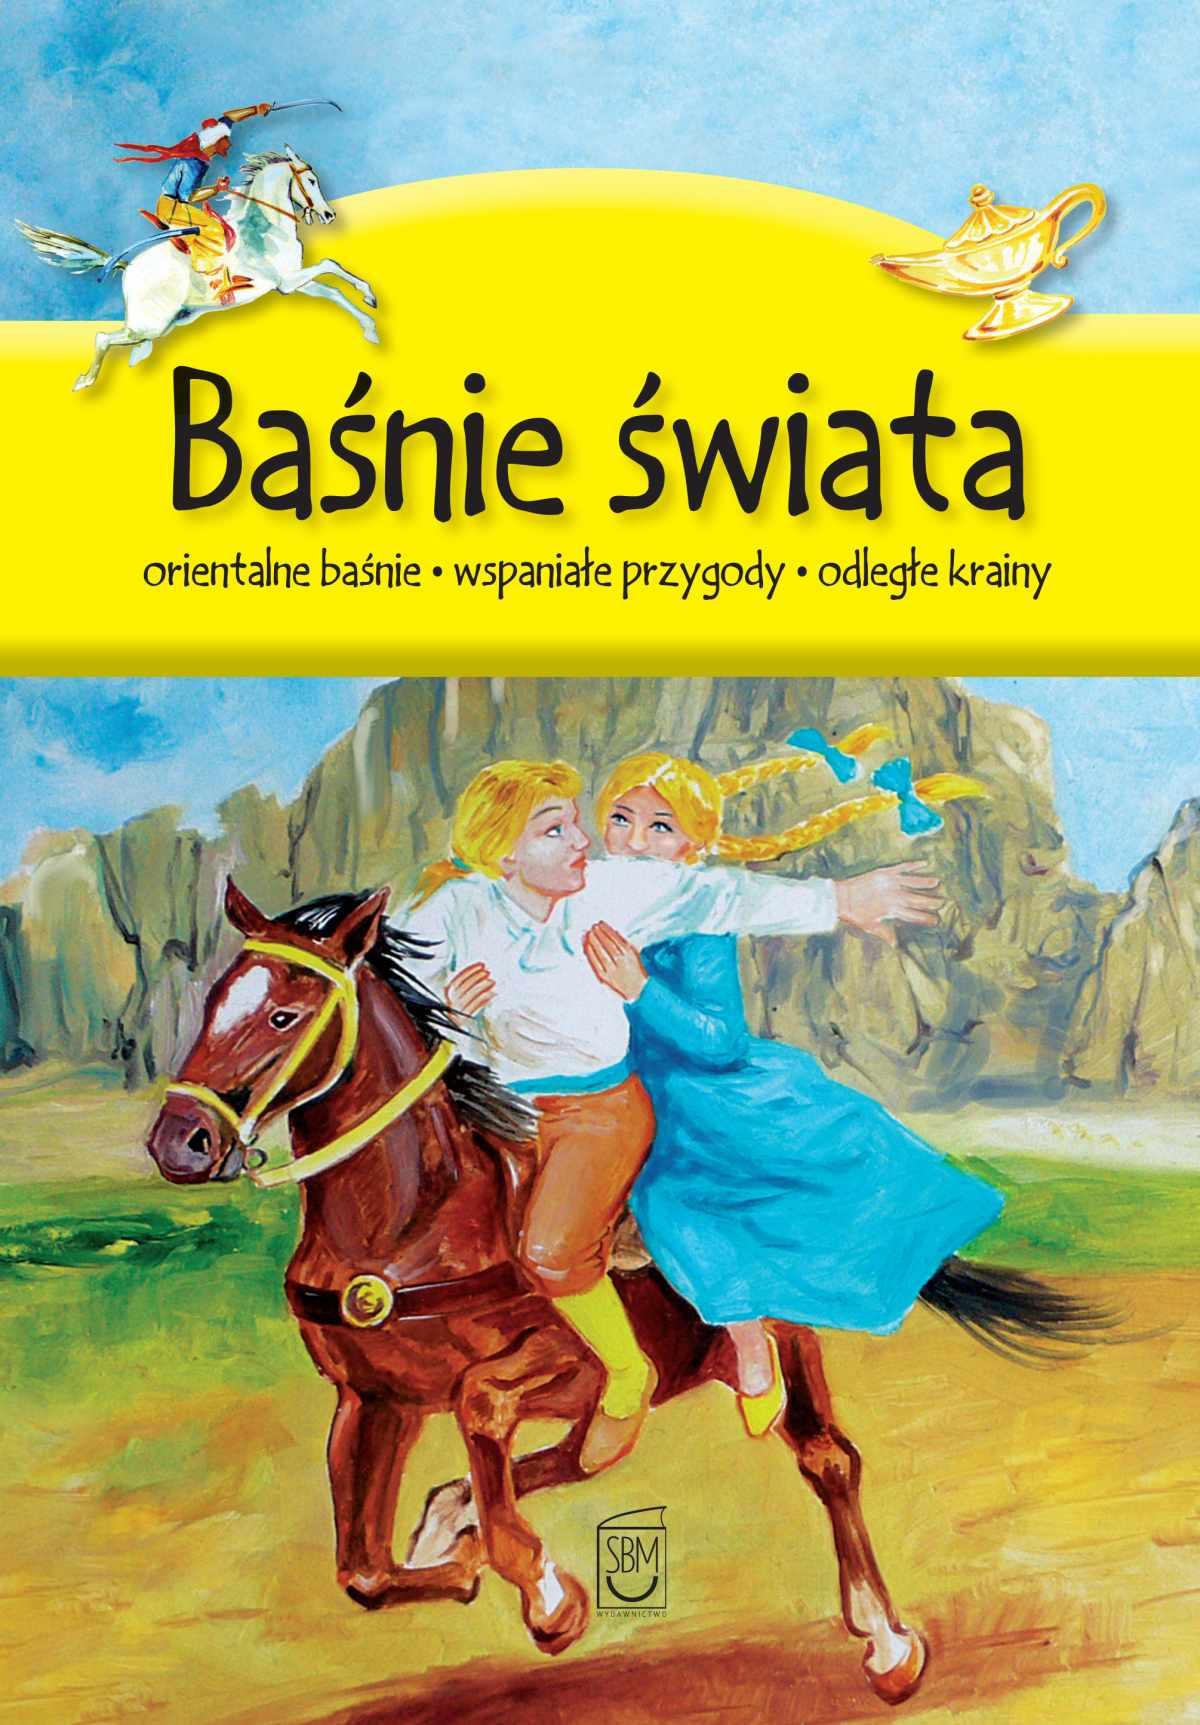 Baśnie świata - Ebook (Książka PDF) do pobrania w formacie PDF